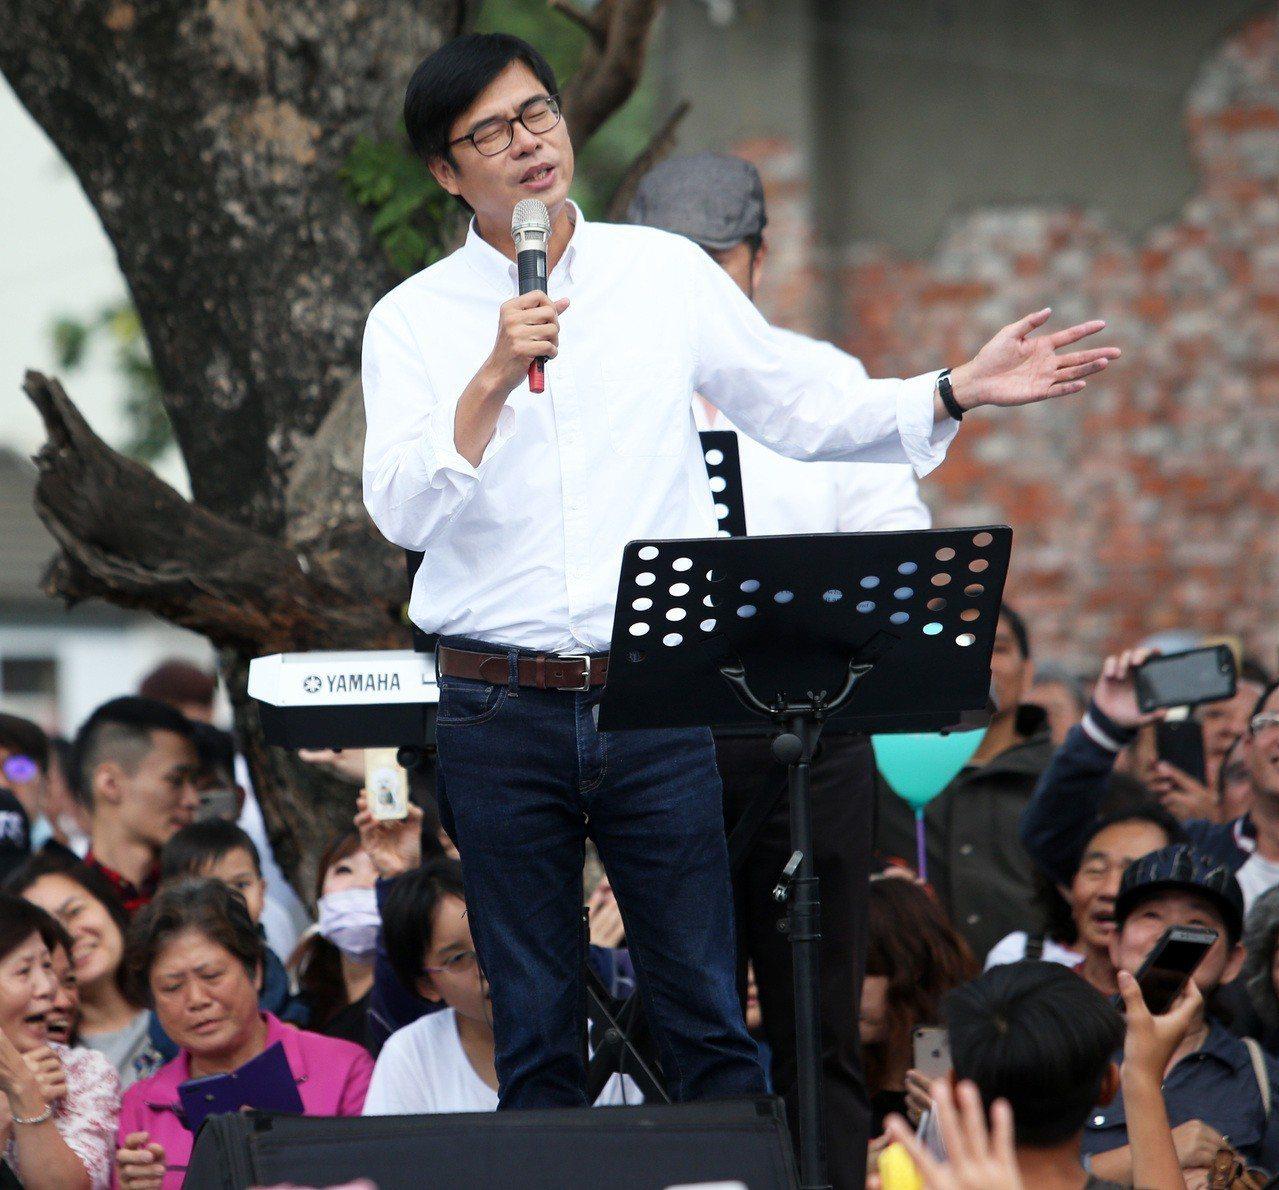 陳其邁形容自己的歌路很廣,上台時獻唱林夕的作品「紅豆」。 記者劉學聖/攝影